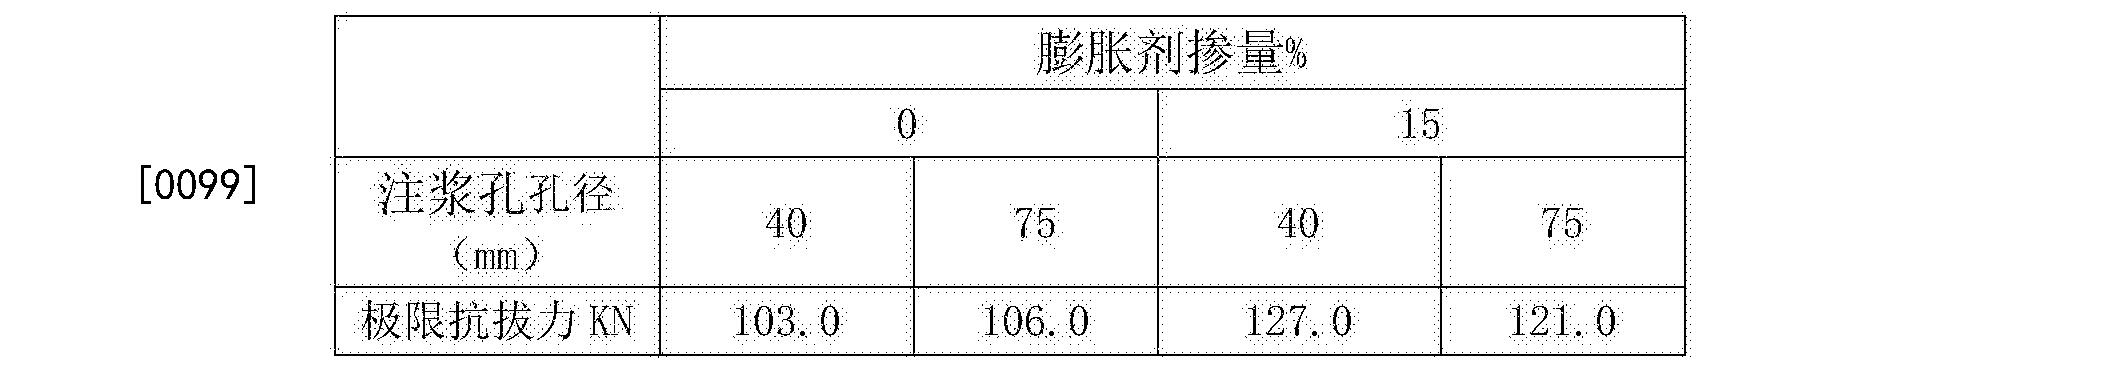 Figure CN105780772BD00101